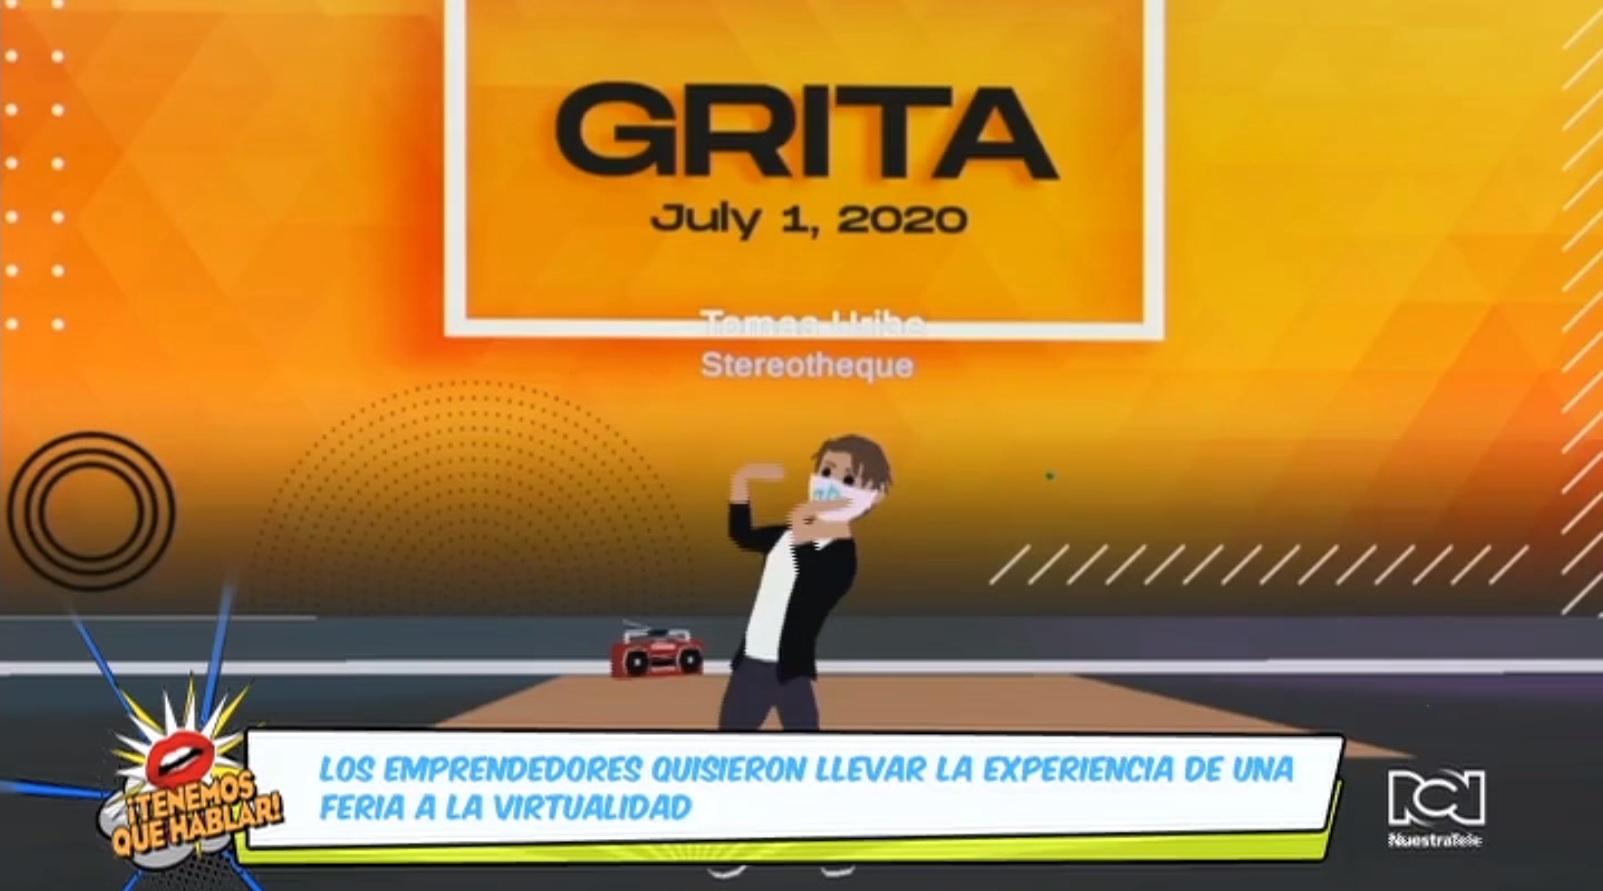 Arrancó la primera edición de Grita: un evento virtual de música, medios y tecnología